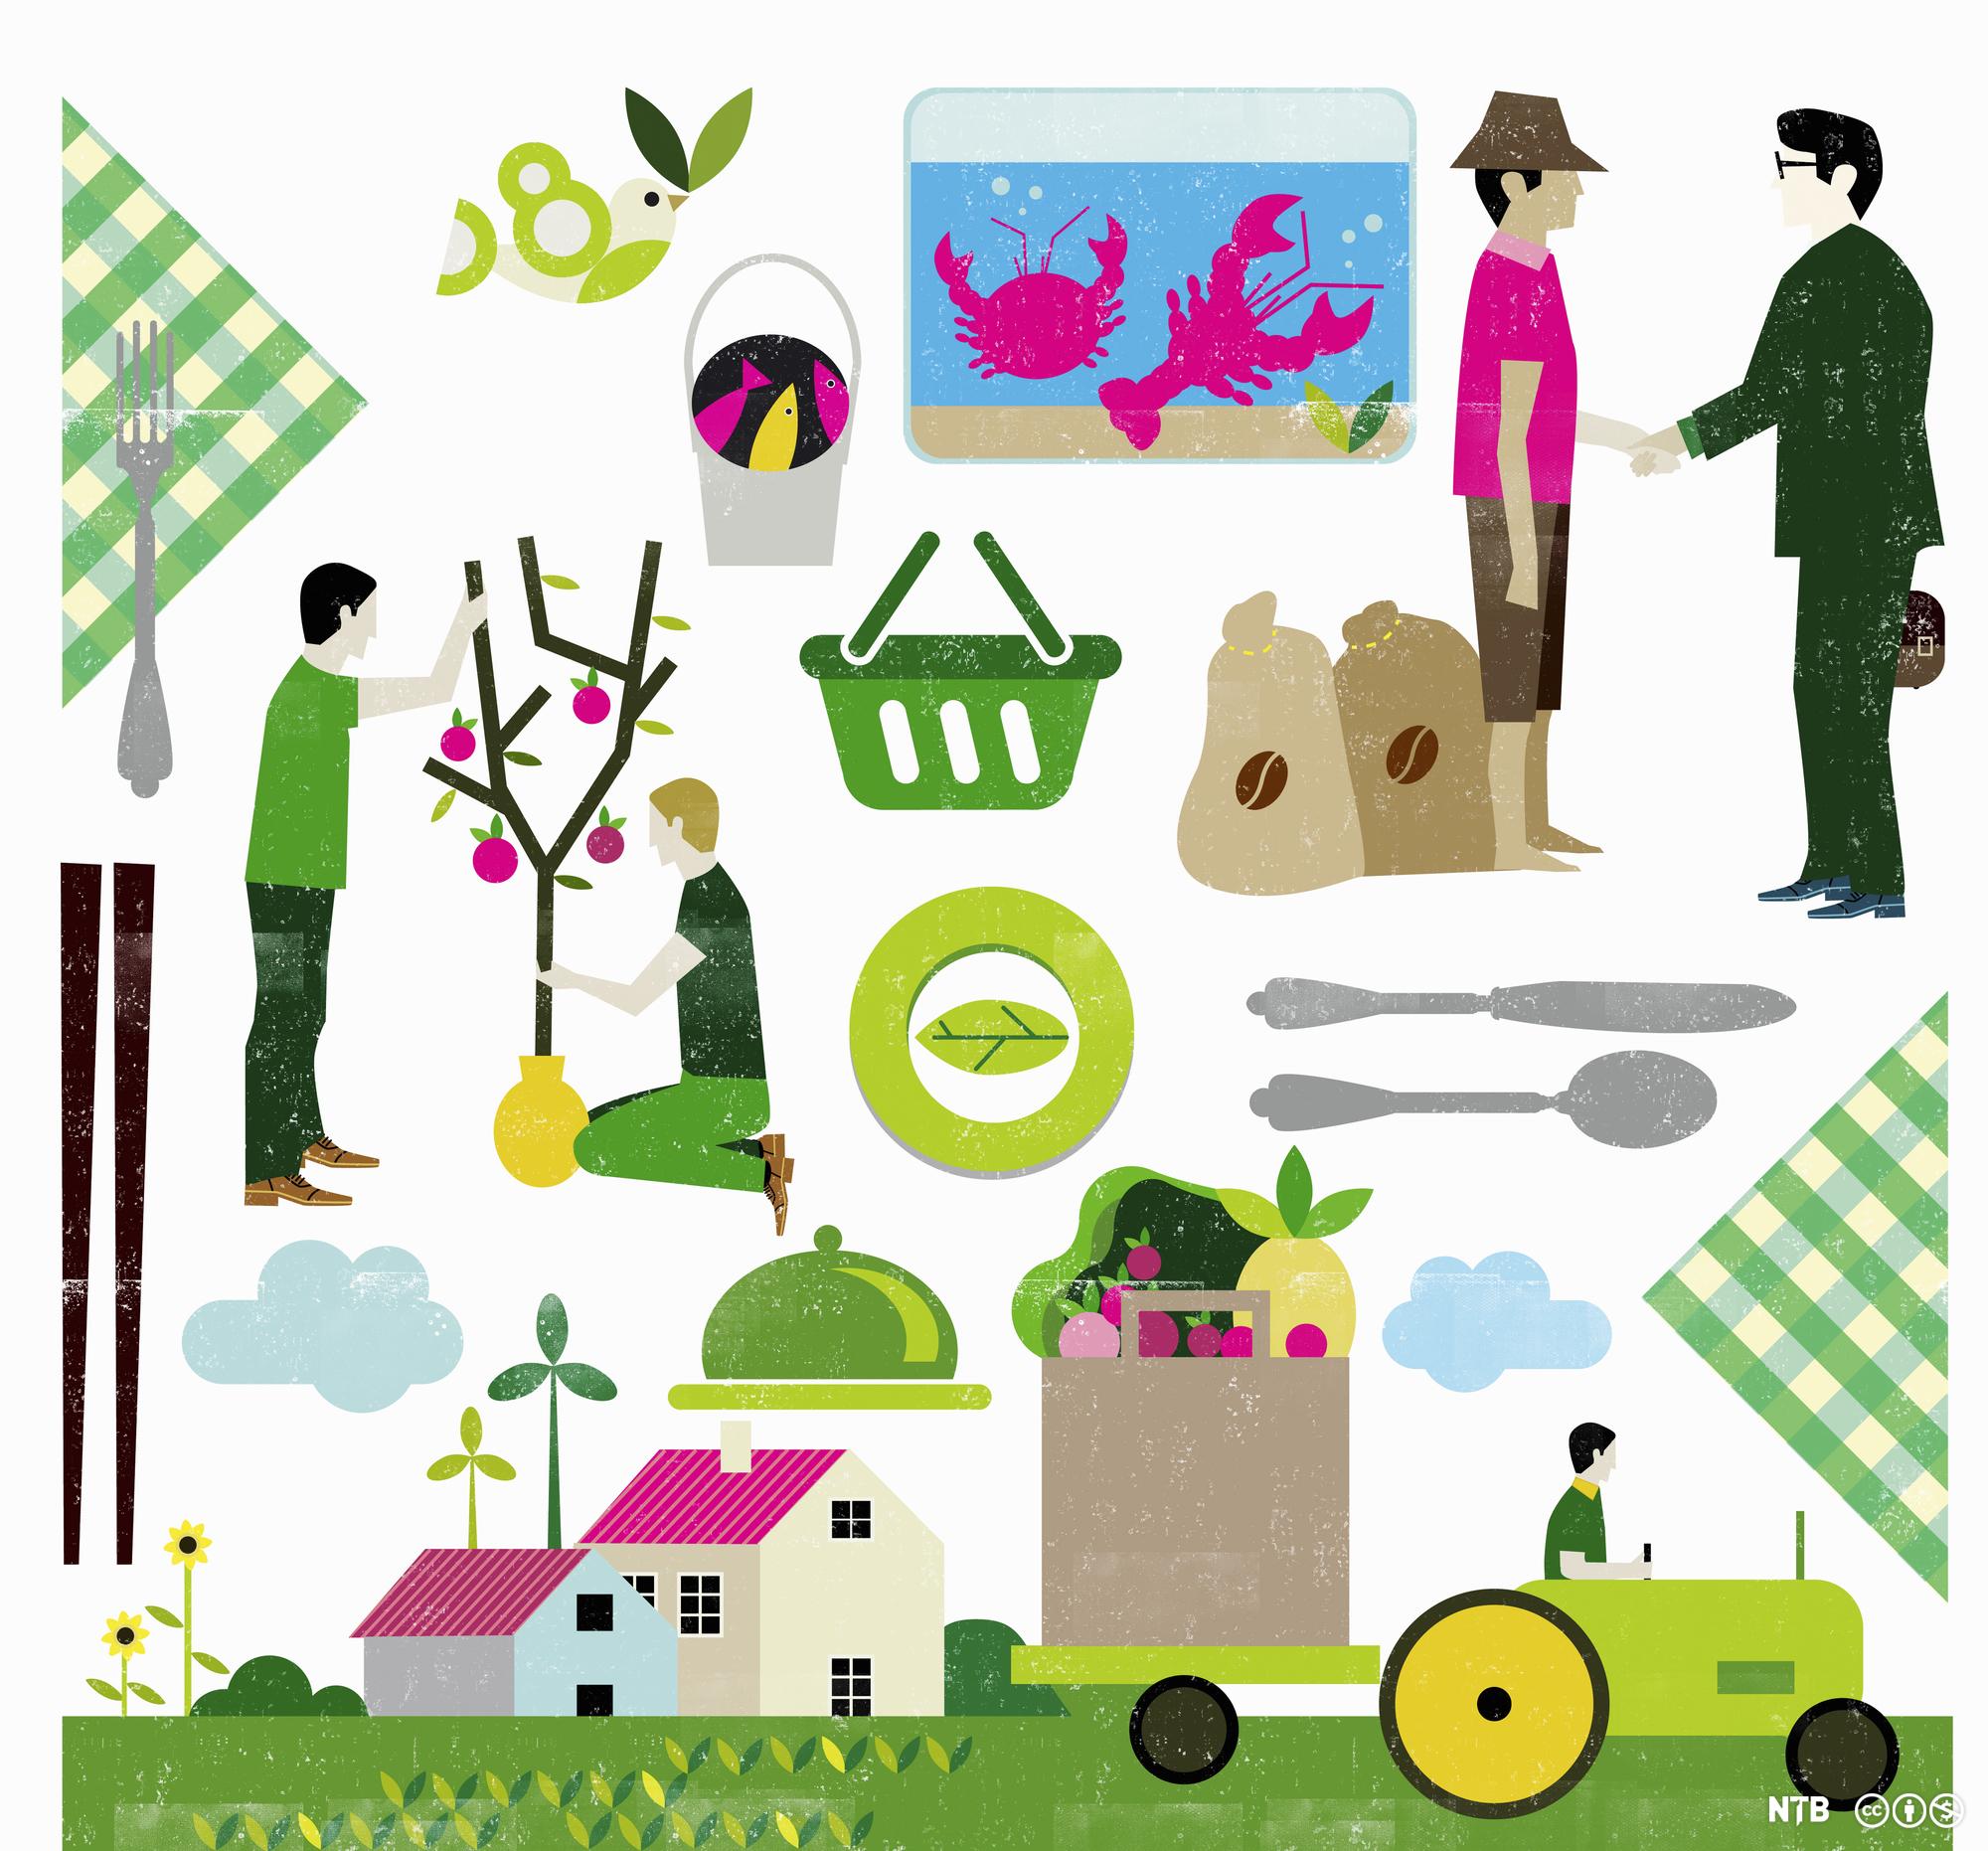 Ulike situasjoner knyttet til mat og matproduksjon. Illustrasjon.